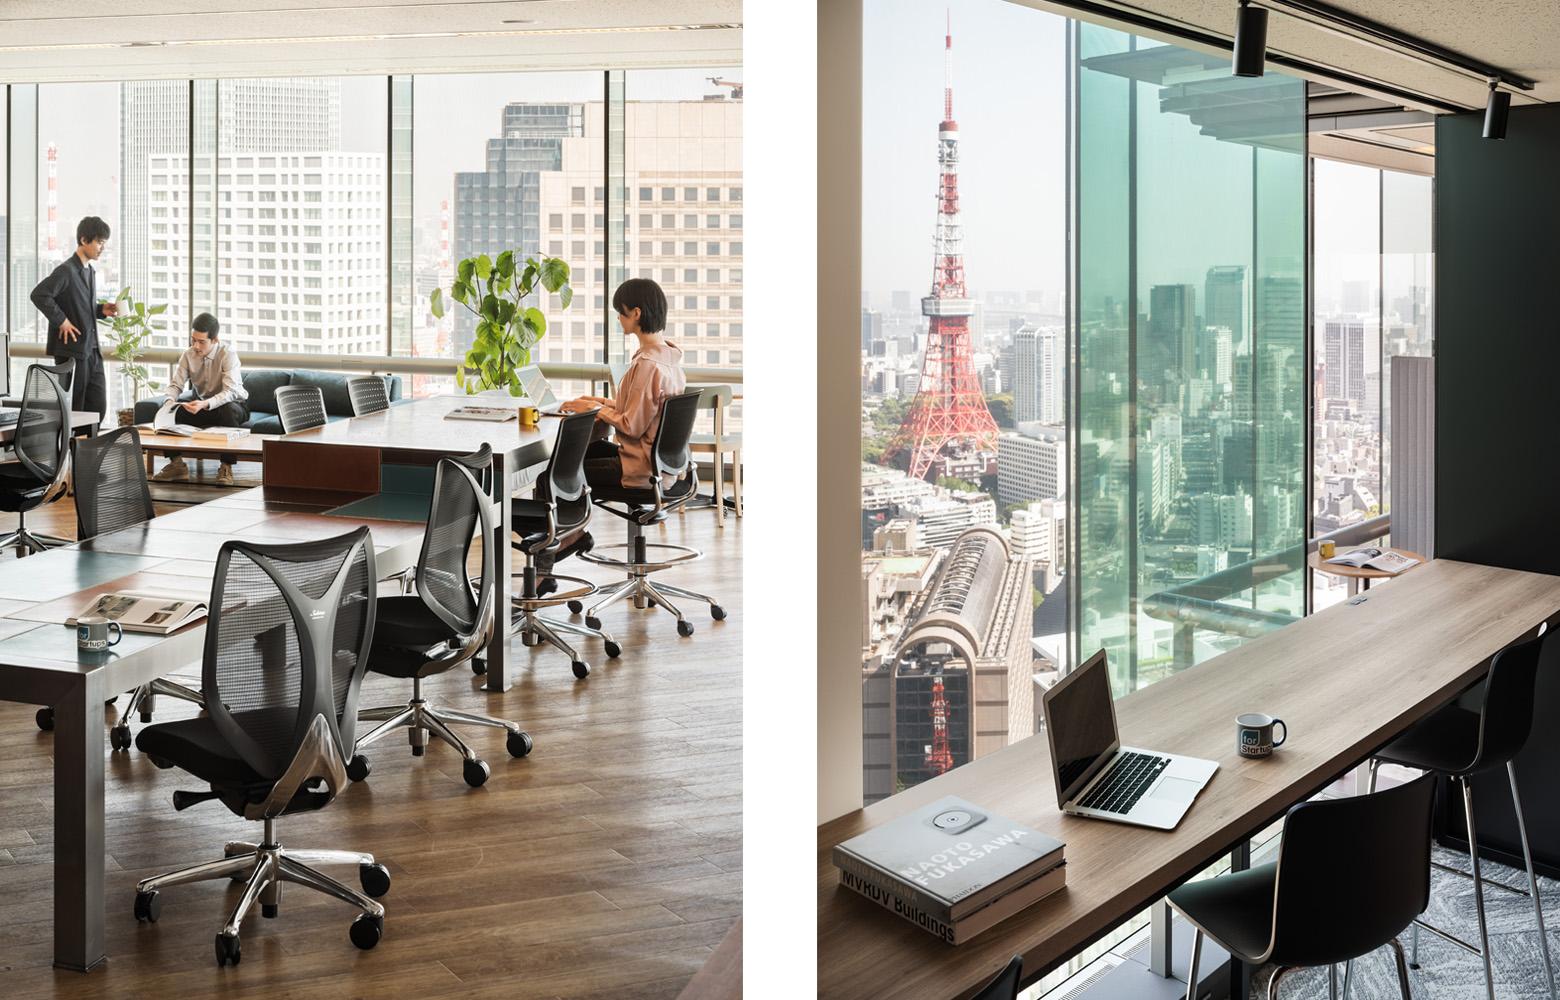 フォースタートアップス株式会社 Work Space_3 デザイン・レイアウト事例